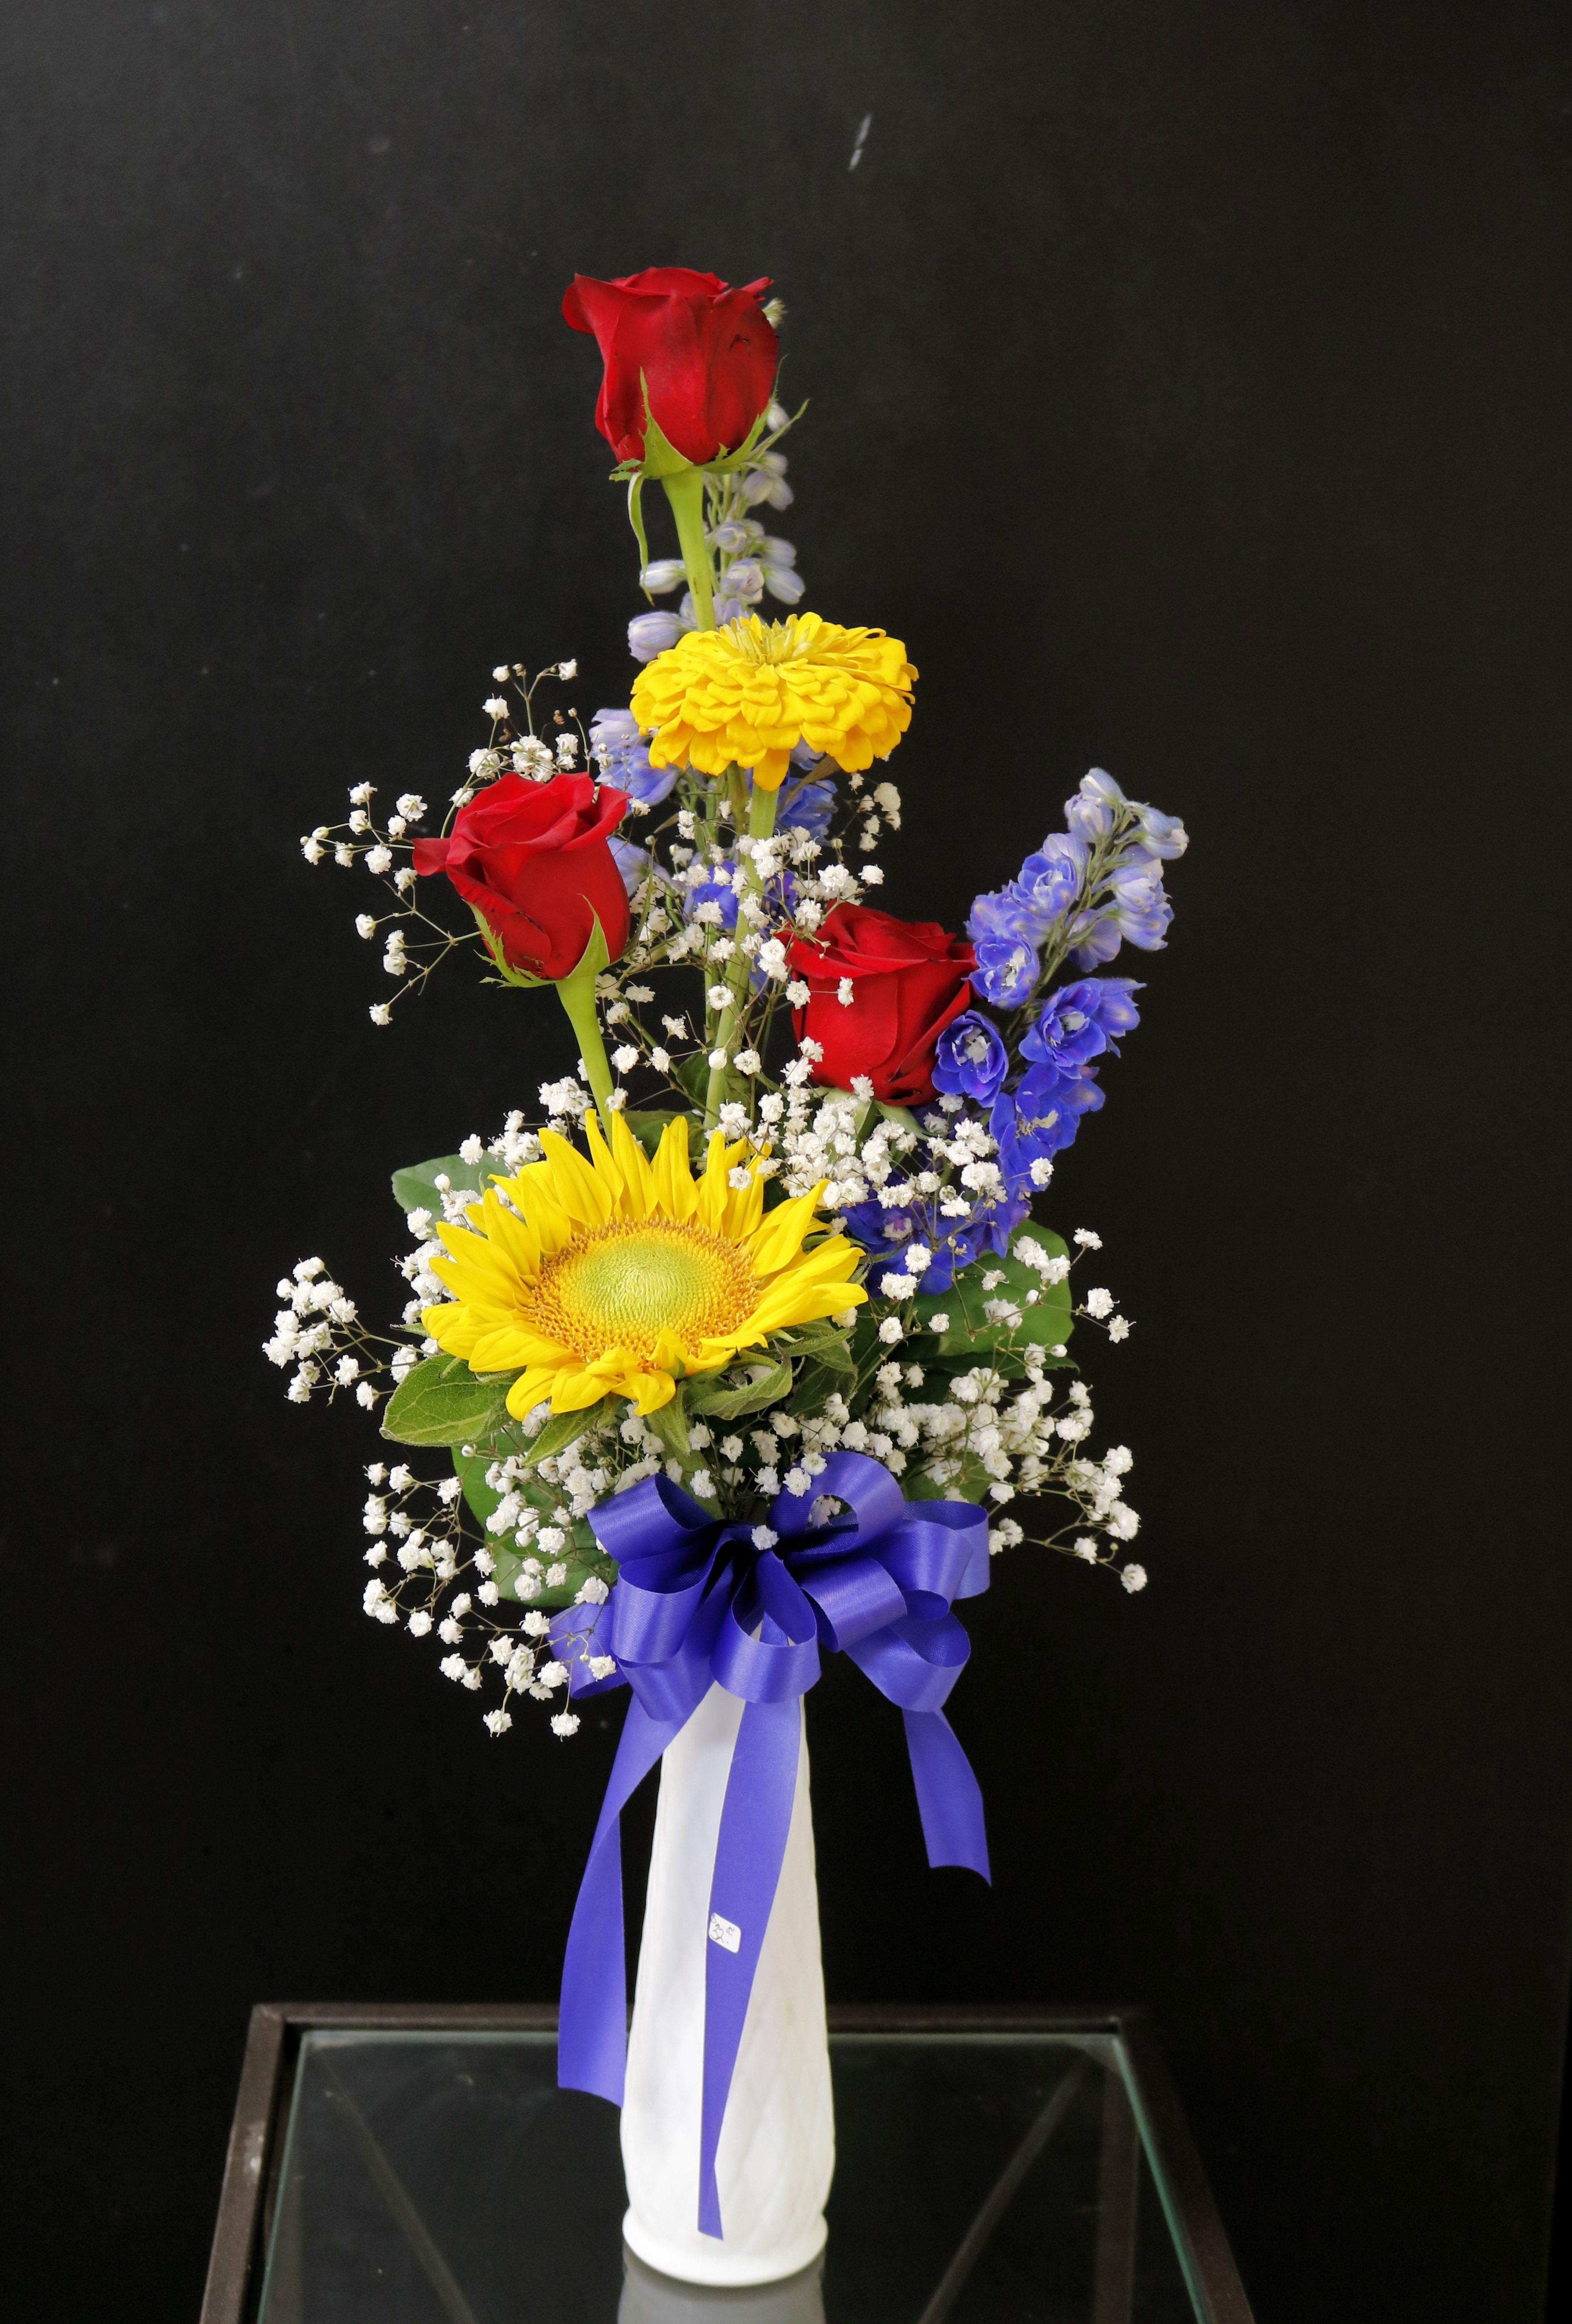 Roses, Sunflowers, Blue Delphinium